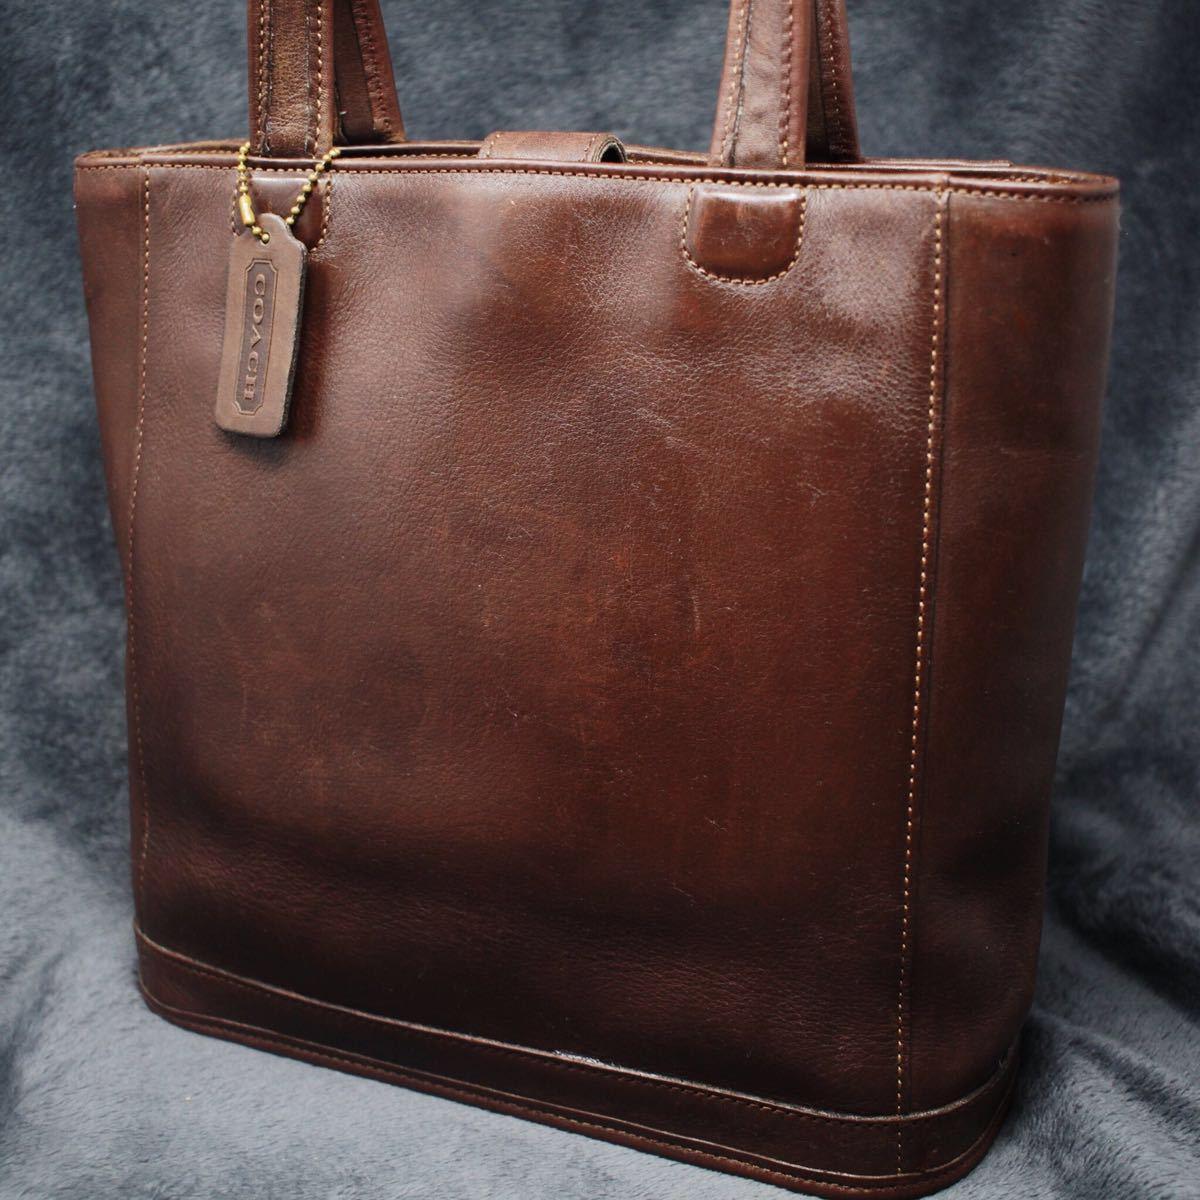 5ed5382908fb オールドコーチ USA製 OLD COACH メンズ オールレザー トートバッグ ショルダーバッグ 茶 ブラウン 鞄 ...